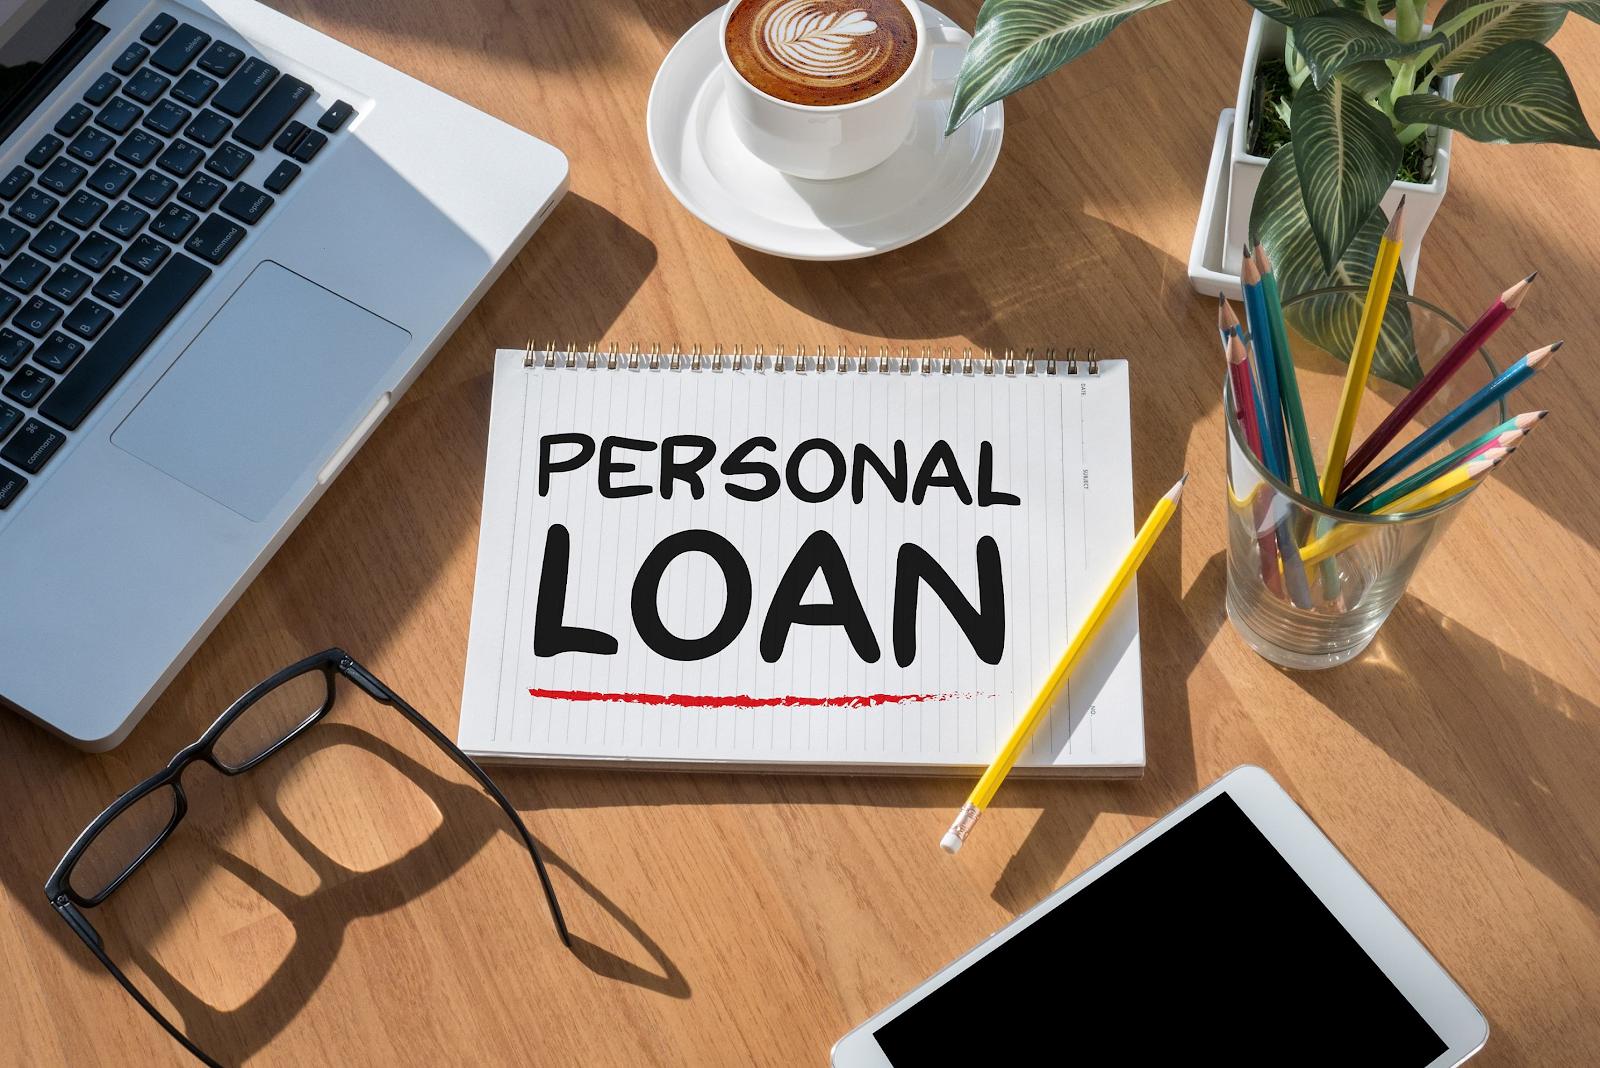 通过贷款方式建立信用记录